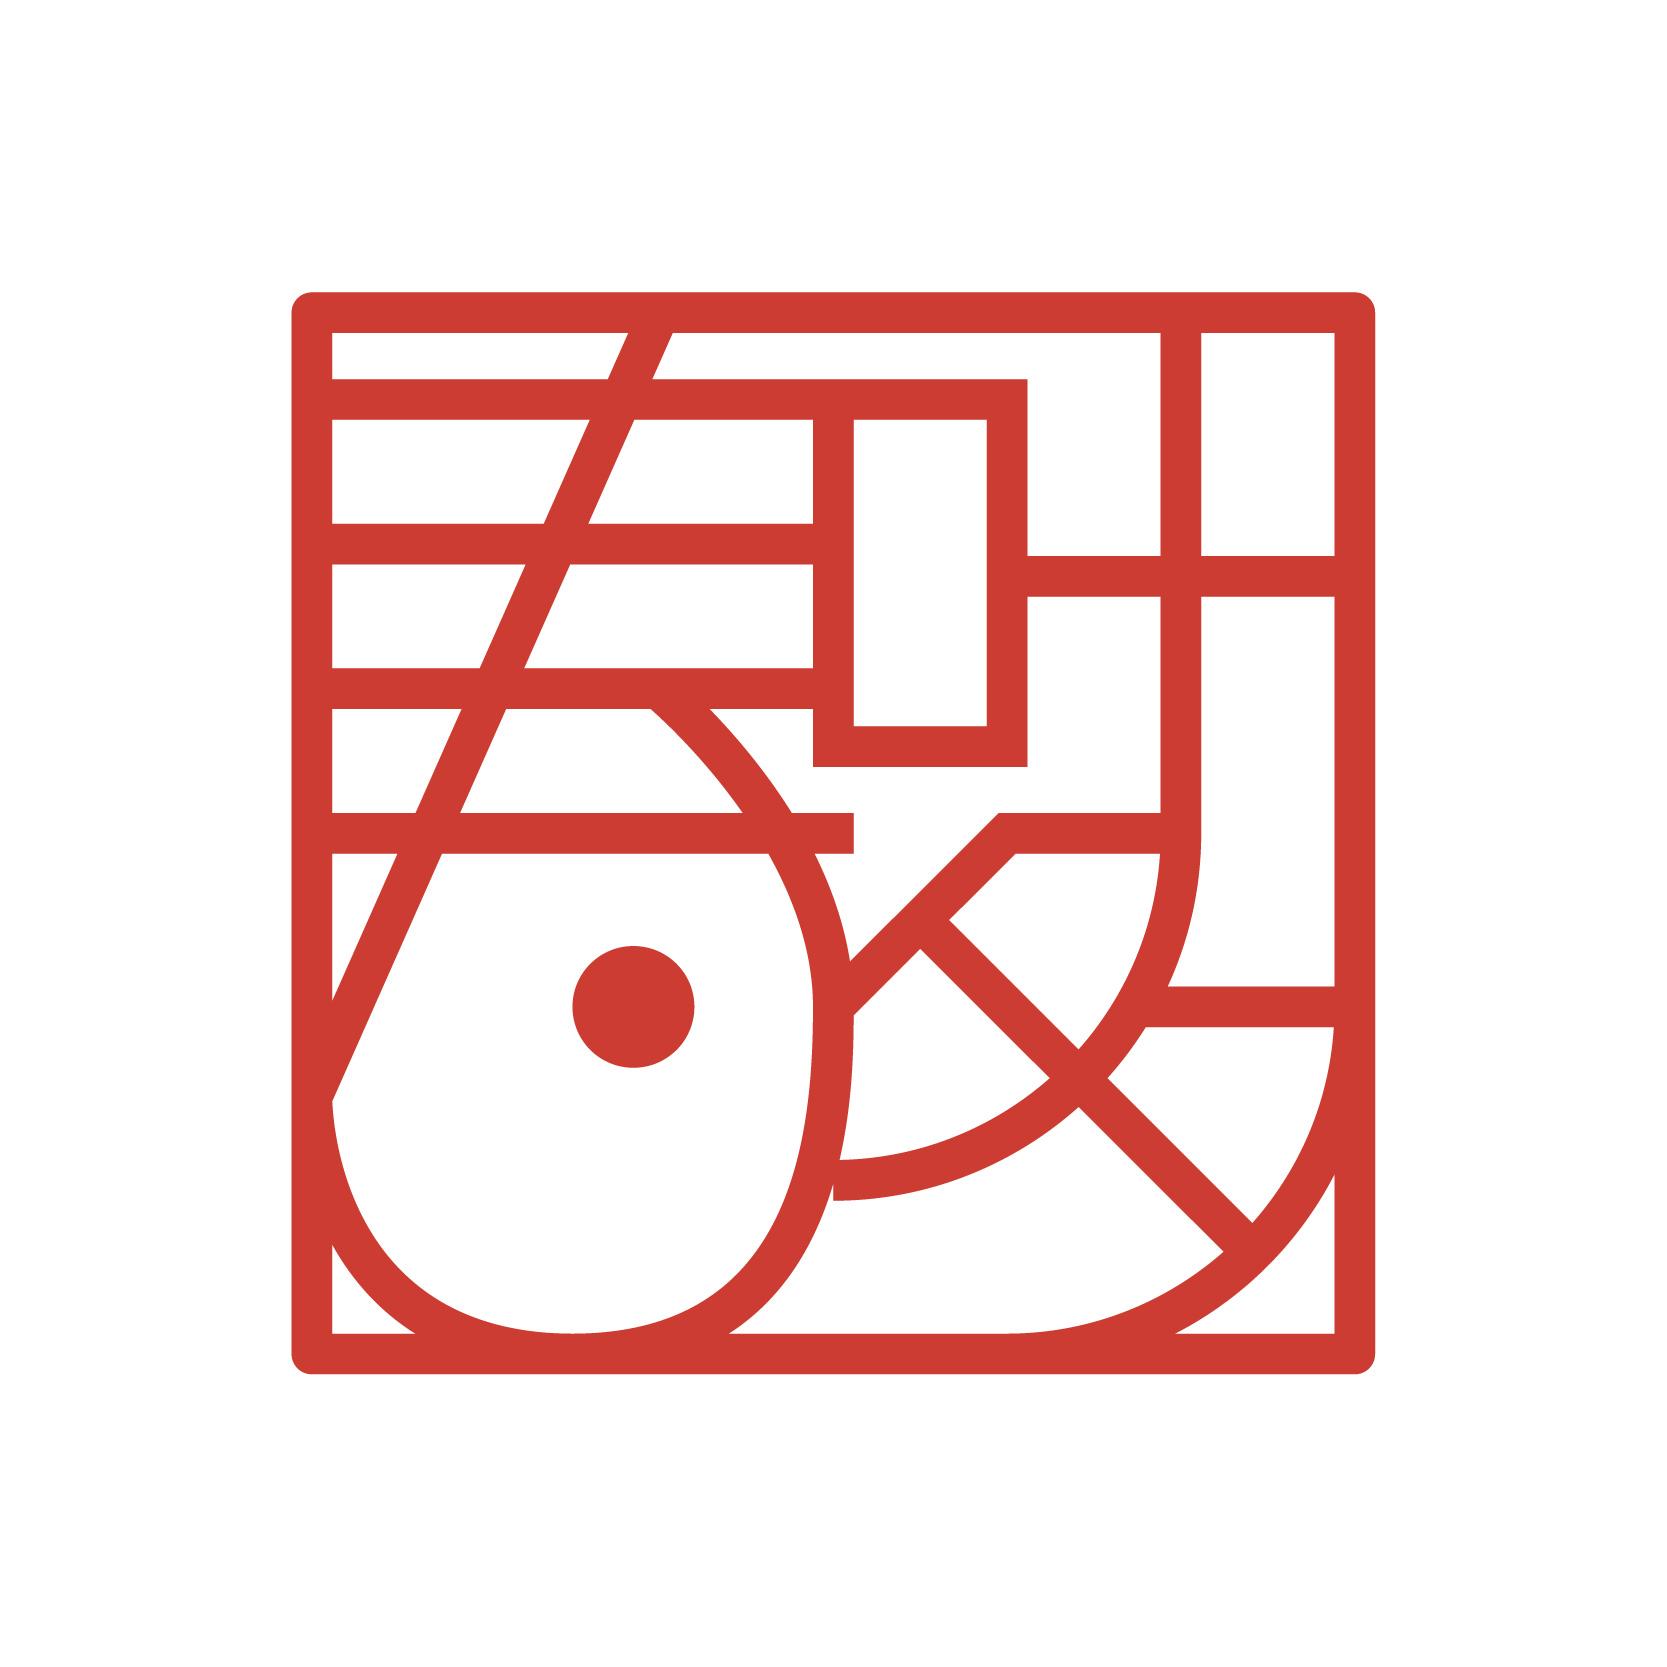 中途・新卒採用情報 叶多寿合同会社page-visual 中途・新卒採用情報 叶多寿合同会社ビジュアル